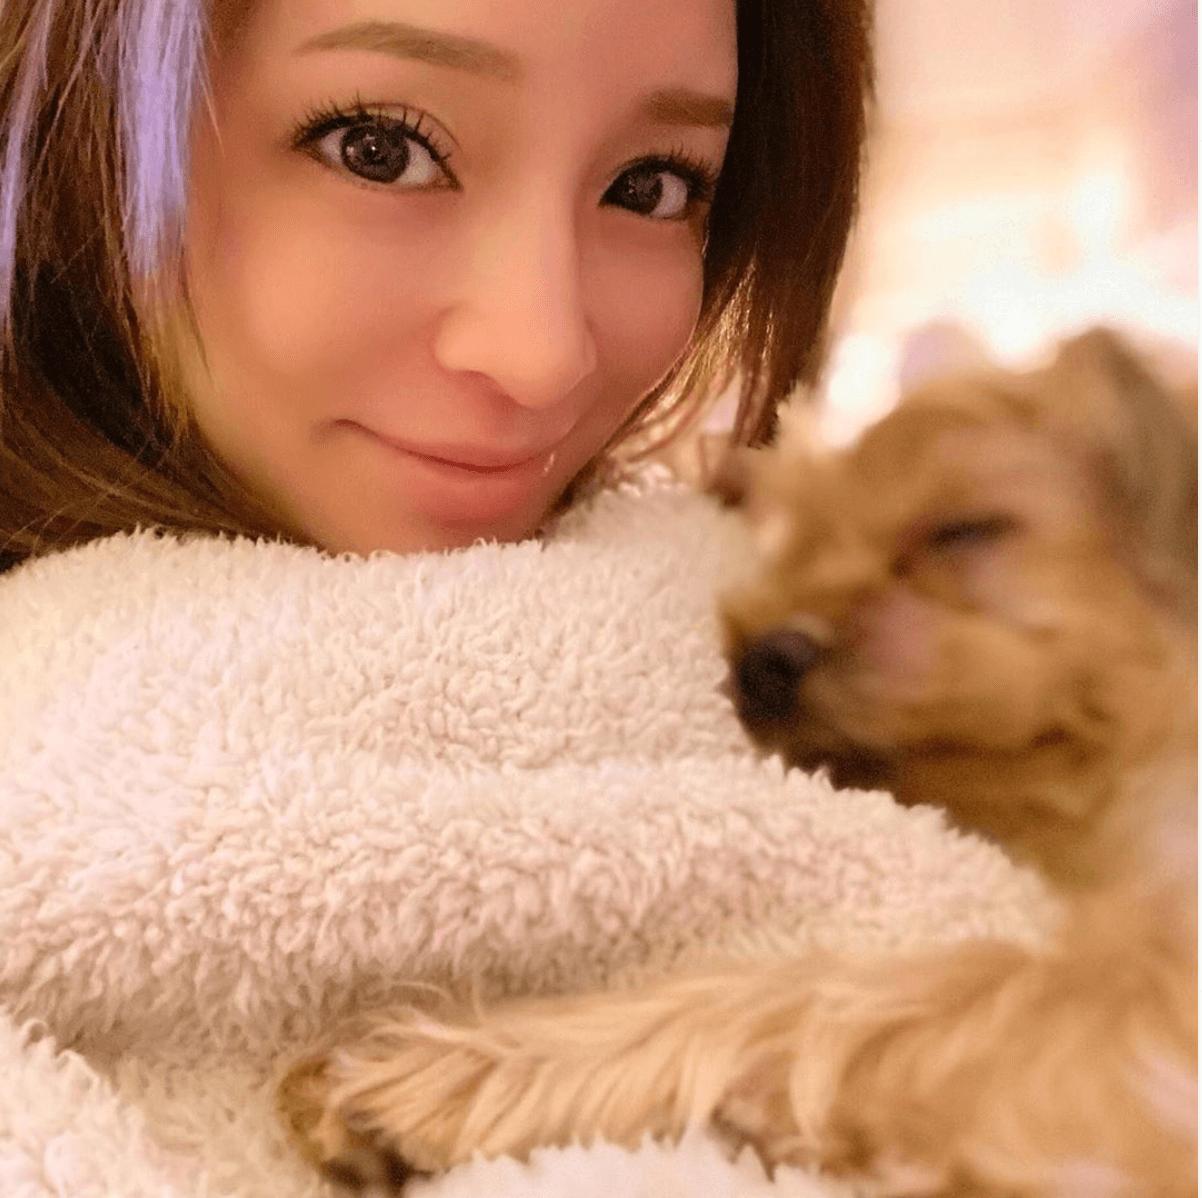 浜崎あゆみ、犬と一緒のリラックスSHOT公開で反響「可愛すぎる」「素敵な表情」サムネイル画像